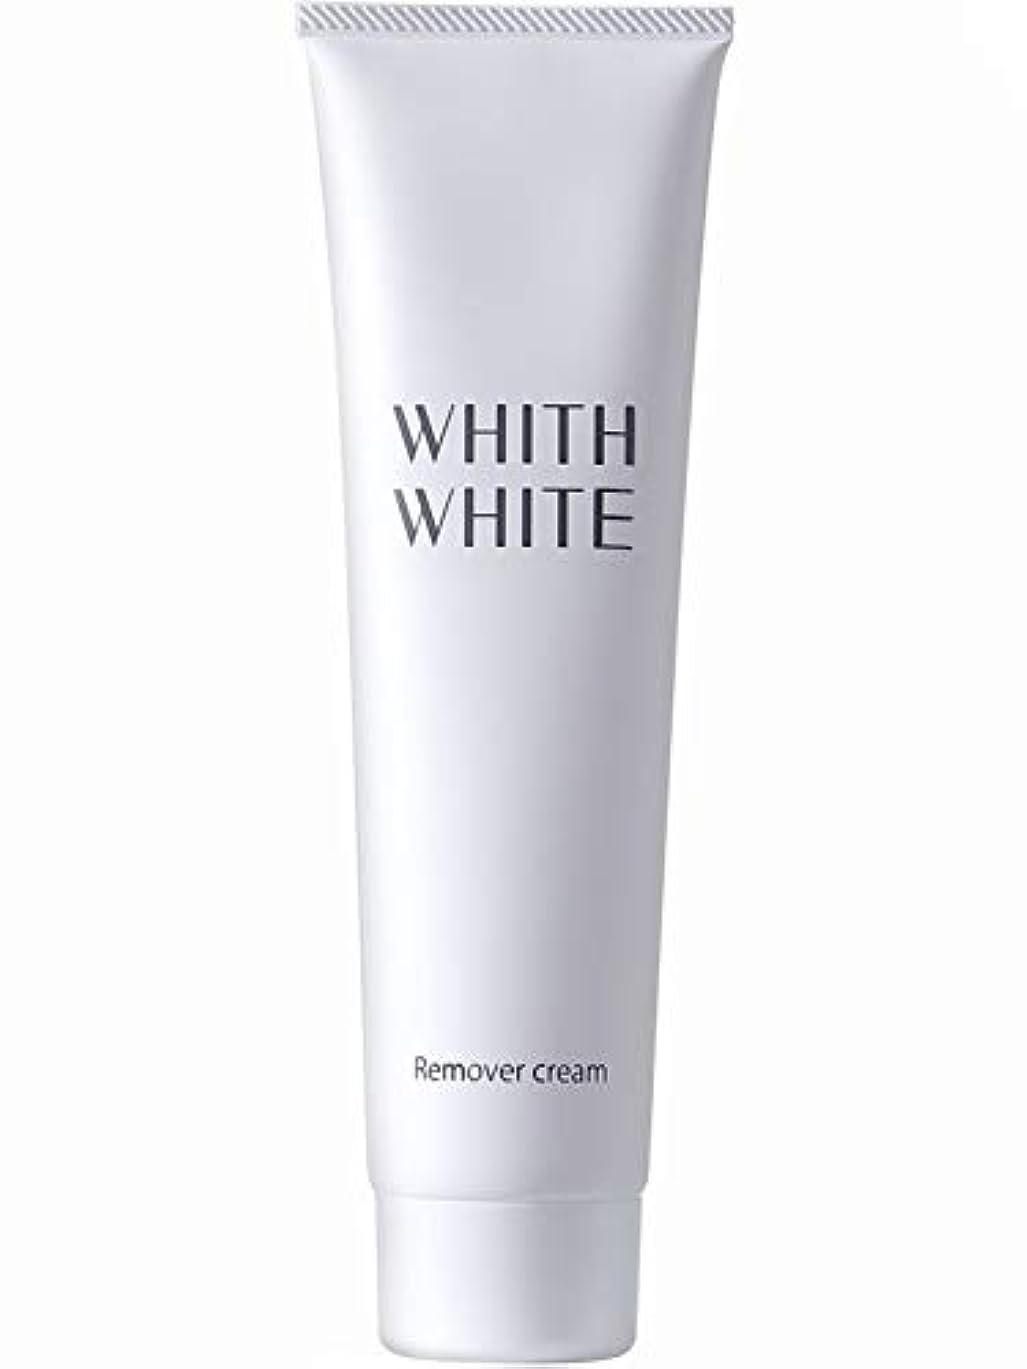 精神医学ラジエーターどこにも【医薬部外品】 WHITH WHITE(フィス ホワイト) 除毛クリーム 150g 陰部 使用可能